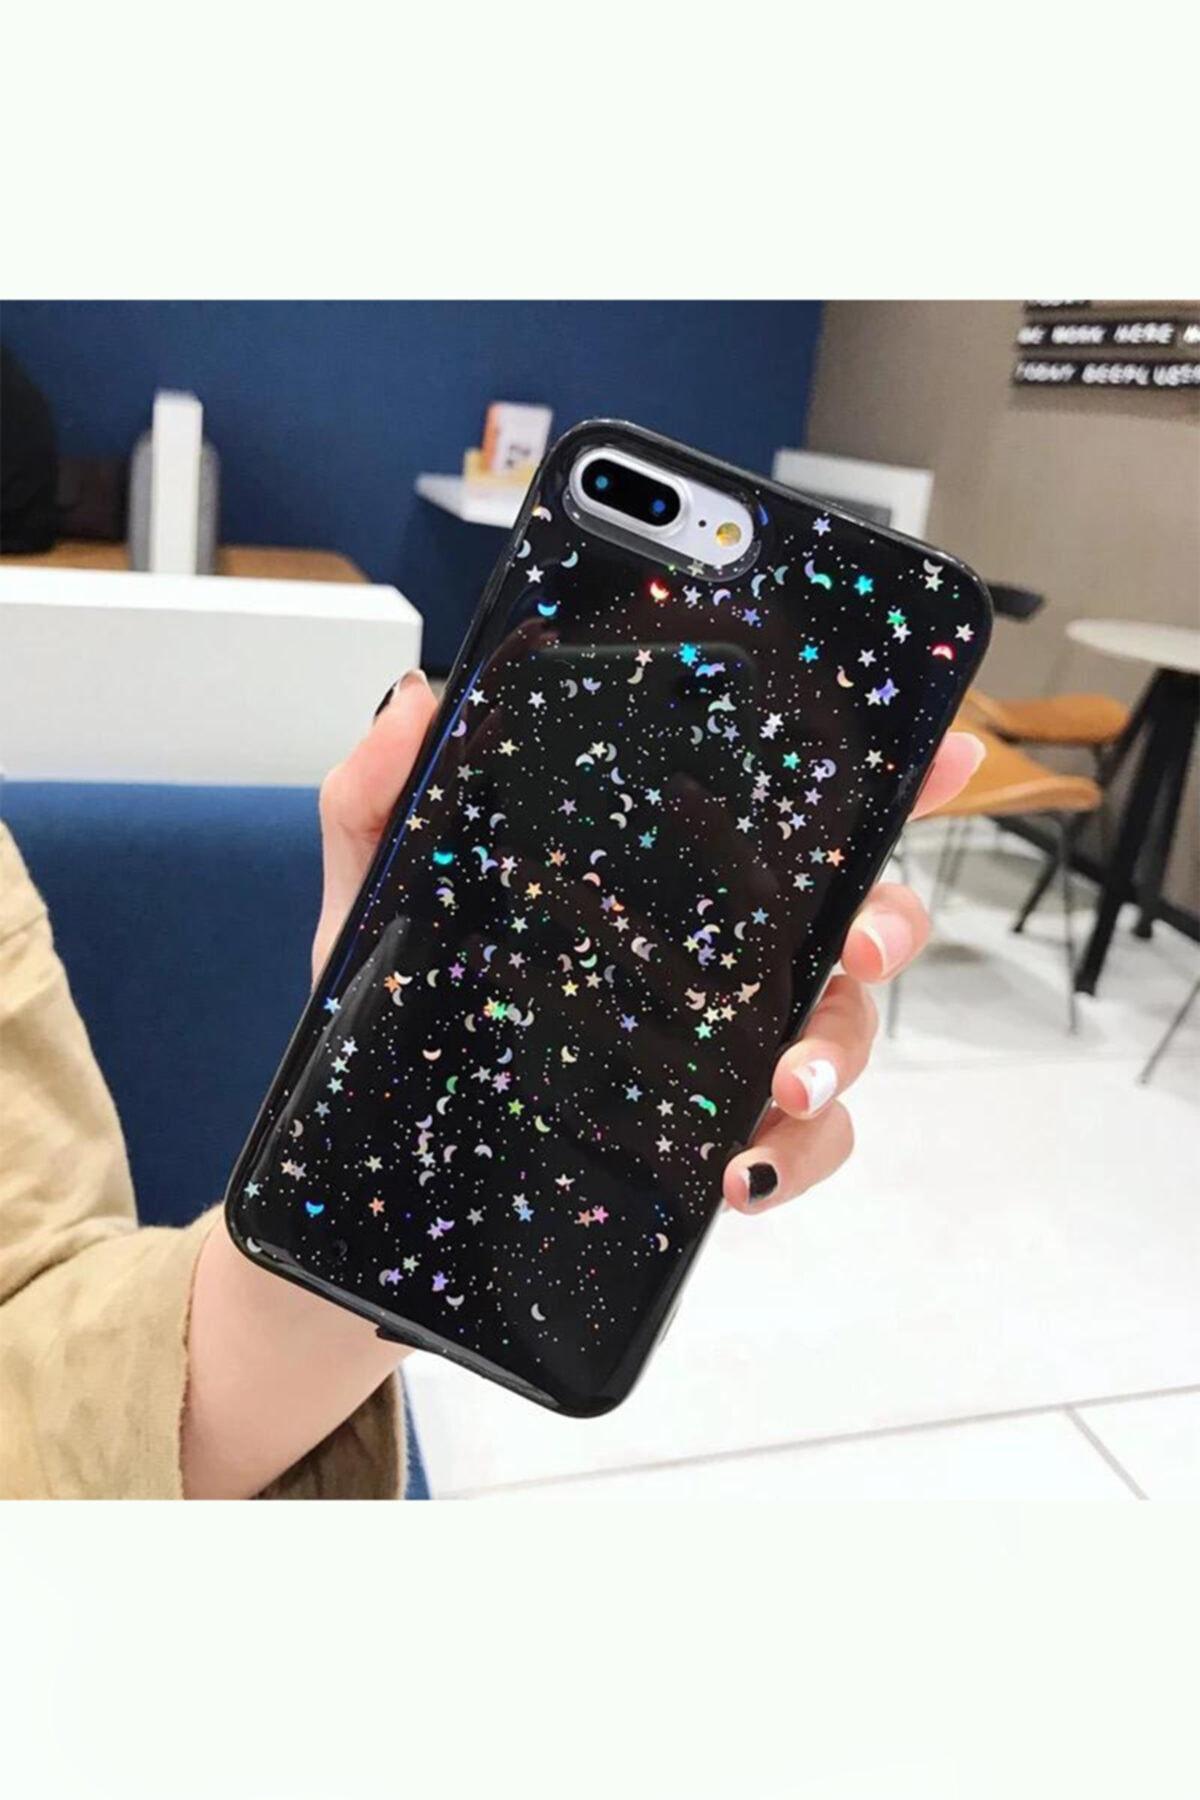 Kılıfsiparis Iphone 7 Plus 8 Plus Uyumlu Siyah Simli Silikon Telefon Kılıfı 1